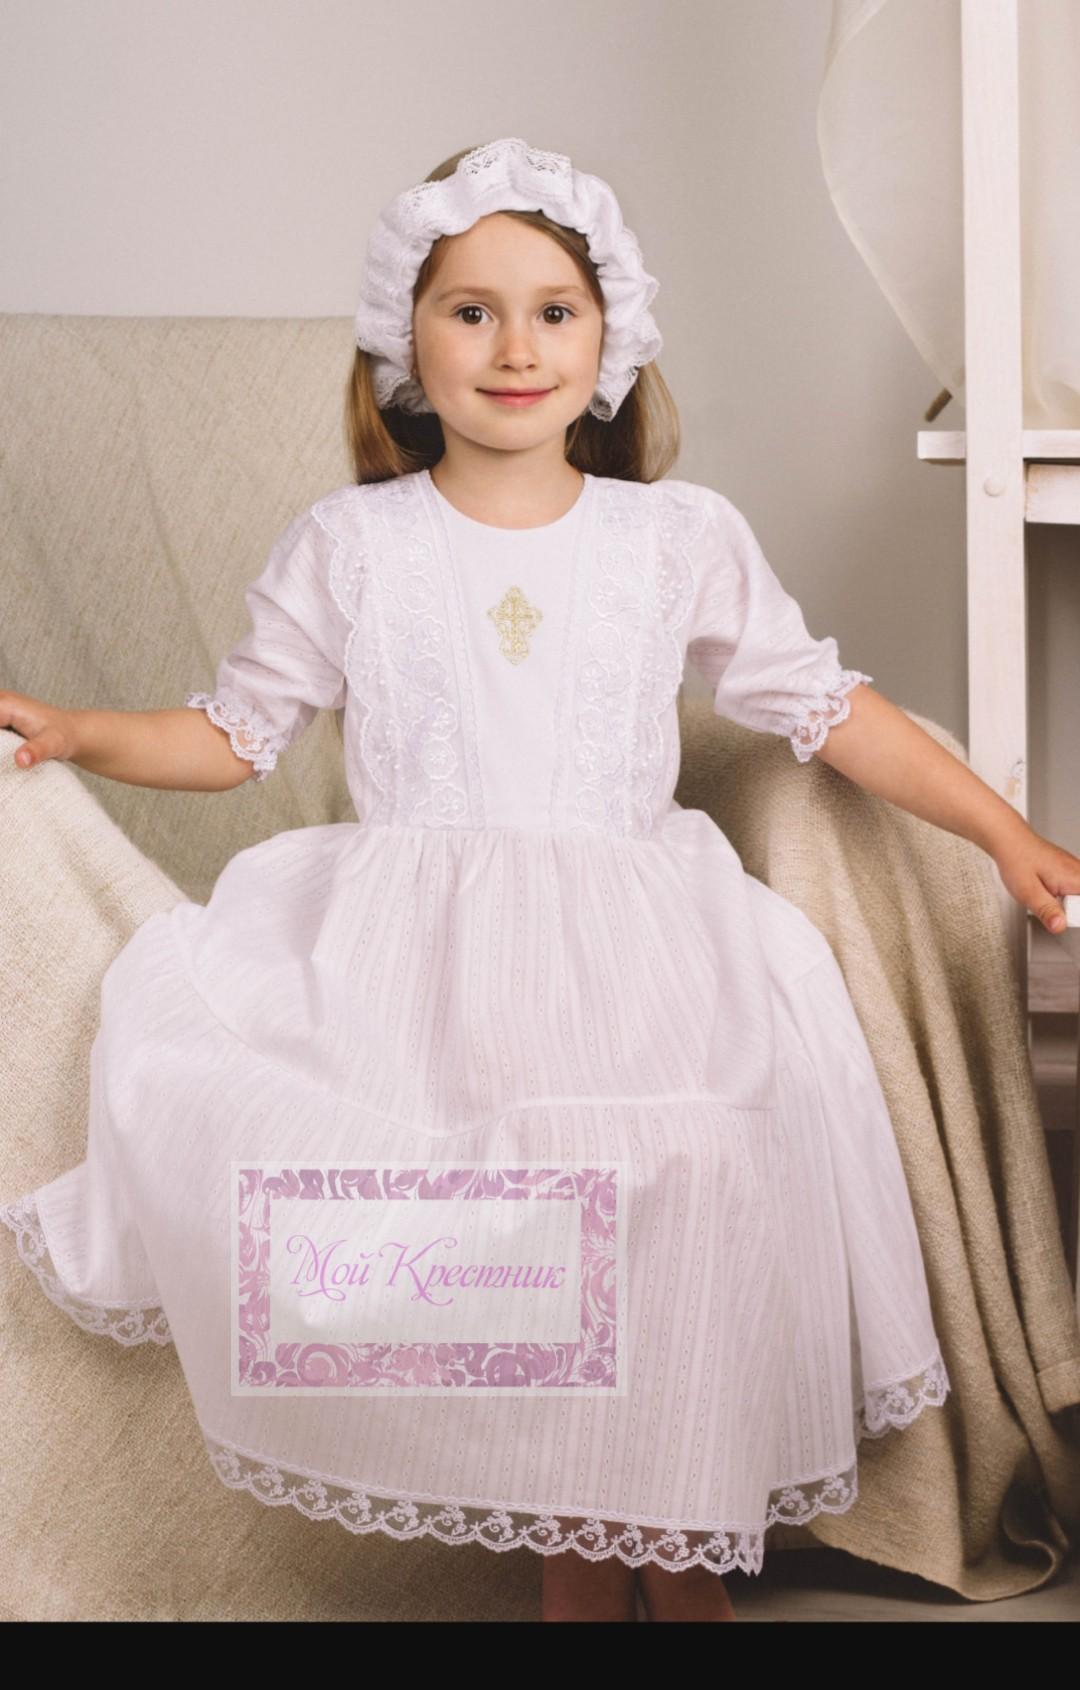 Логотип для крестильной одежды(детской). фото f_3255d4d83fcead25.jpg